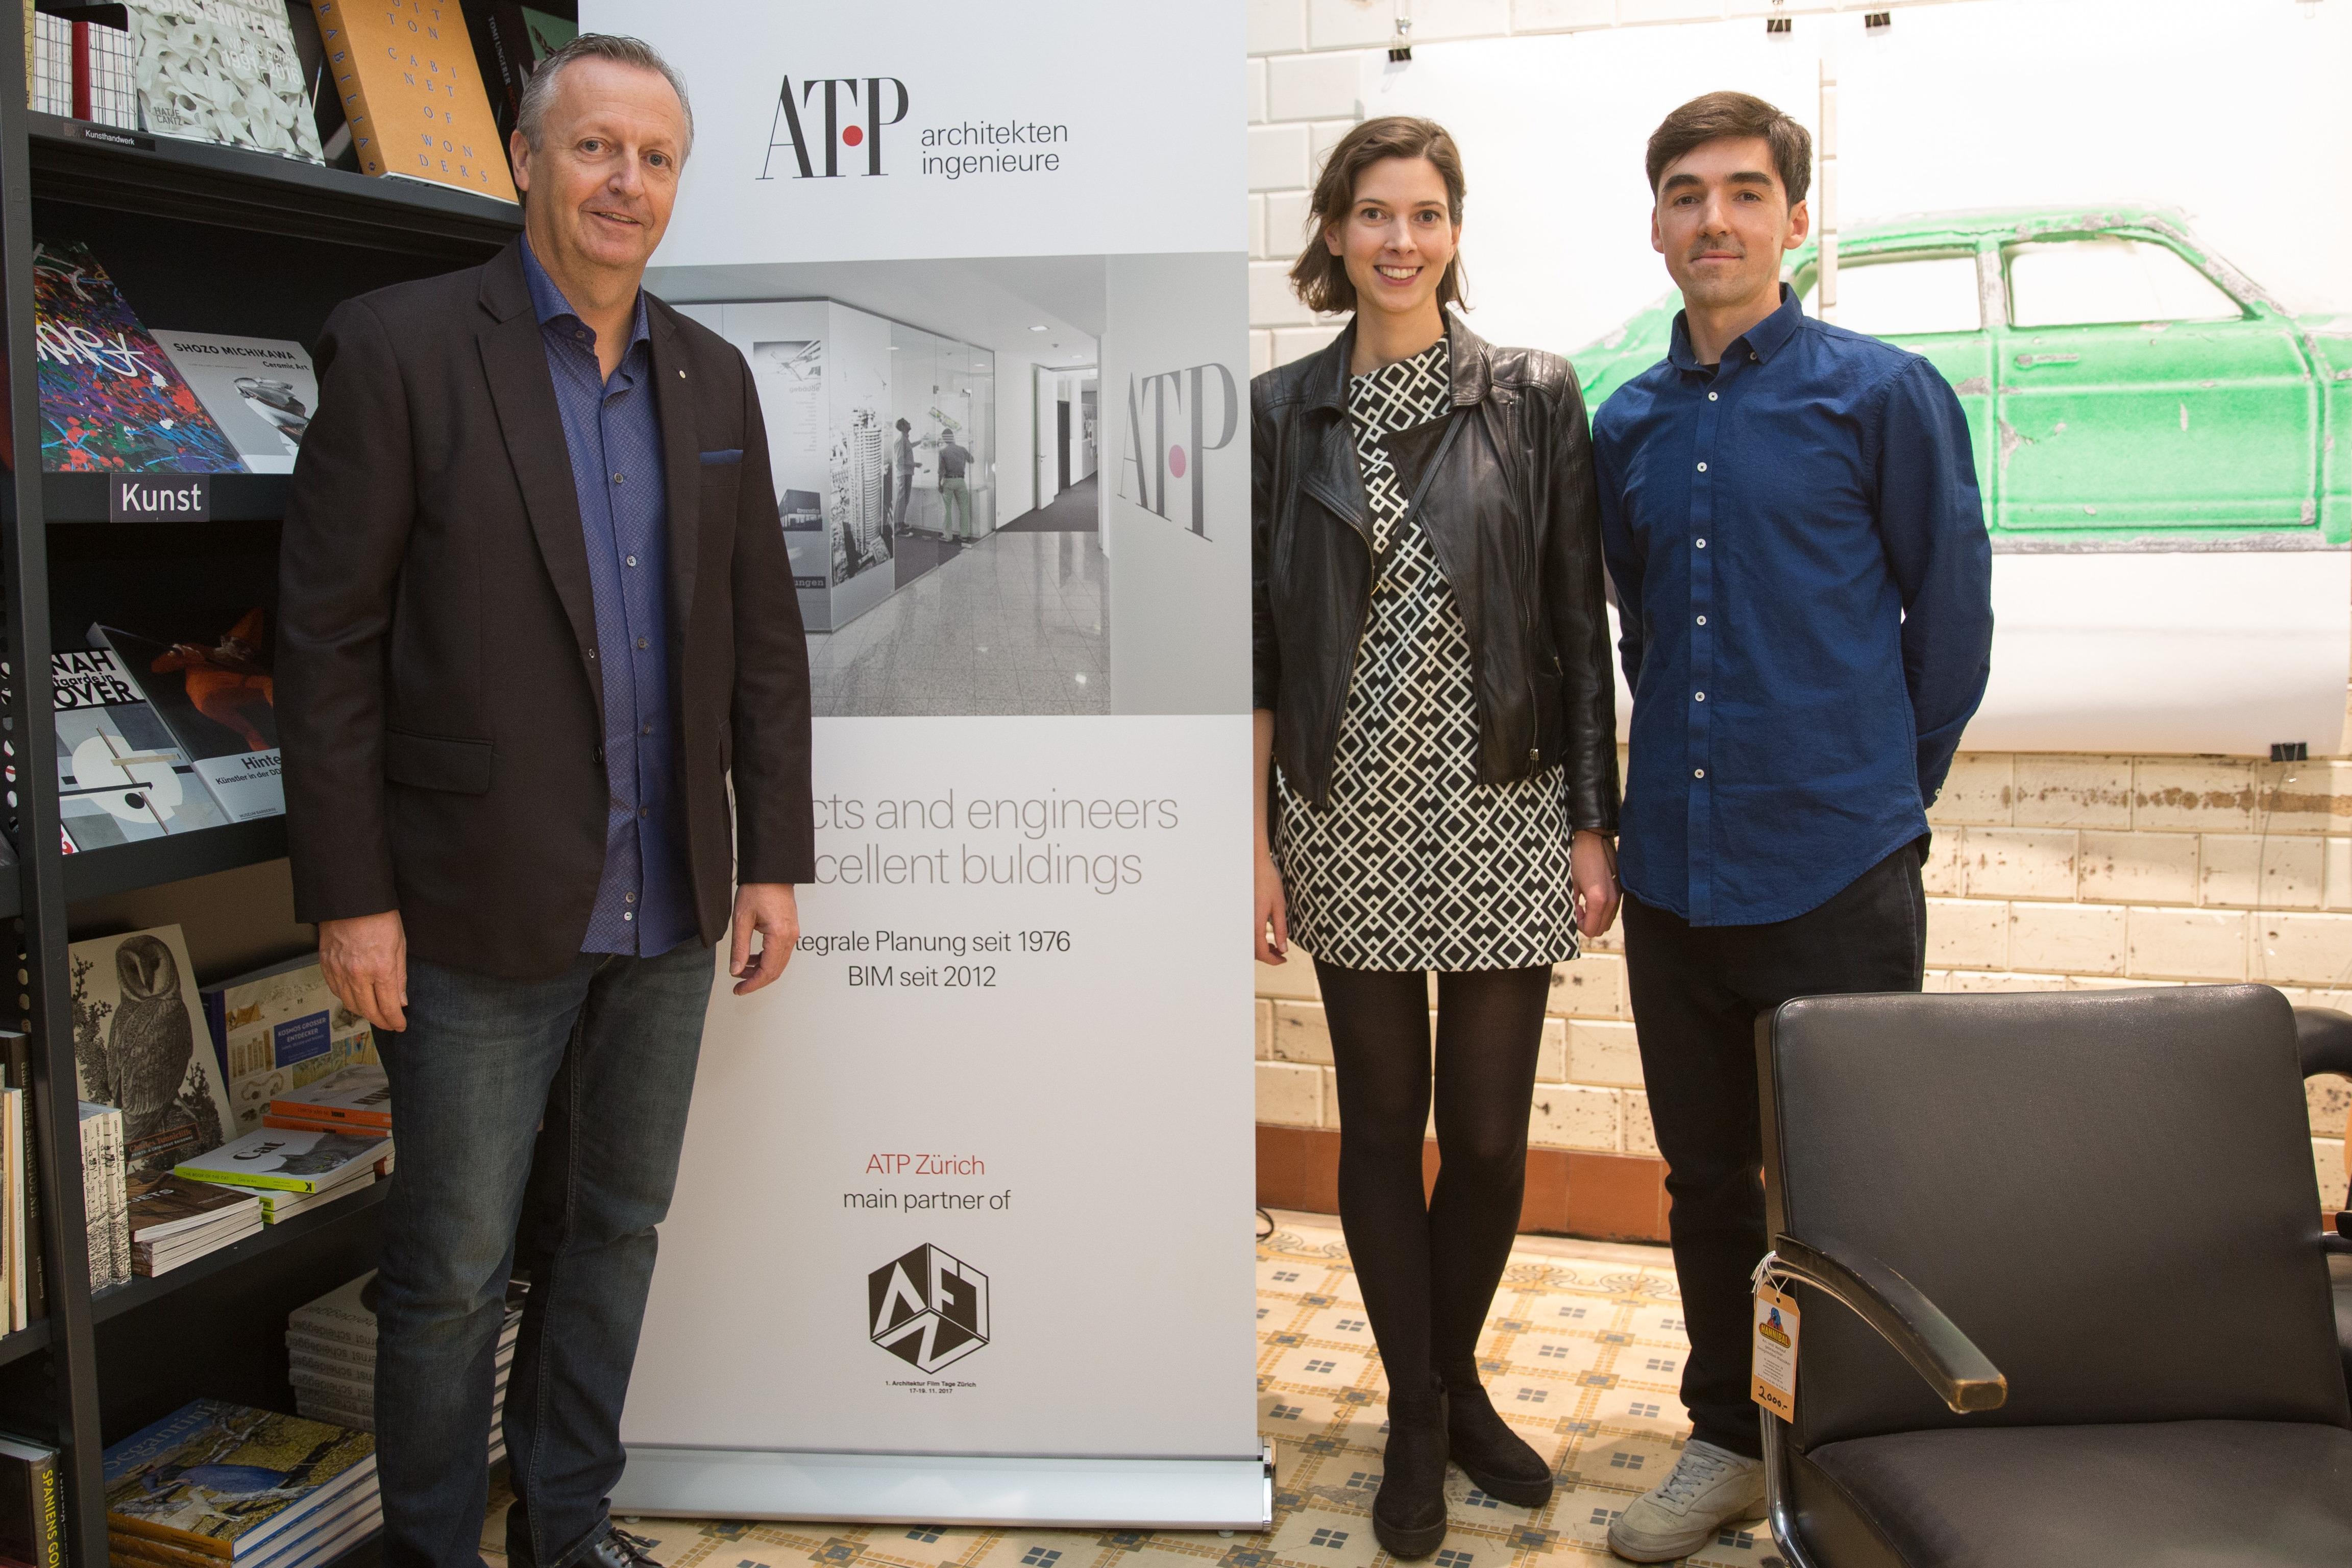 ATP Zürich GF Michael Gräfensteiner (l.) mit den Organisatoren Ágota Komlósi (m.) und Péter Polány (r.) beim Sponsor Apero in der Never Stop Reading Buchhandlung.<br><span class='image_copyright'>ATP</span><br>